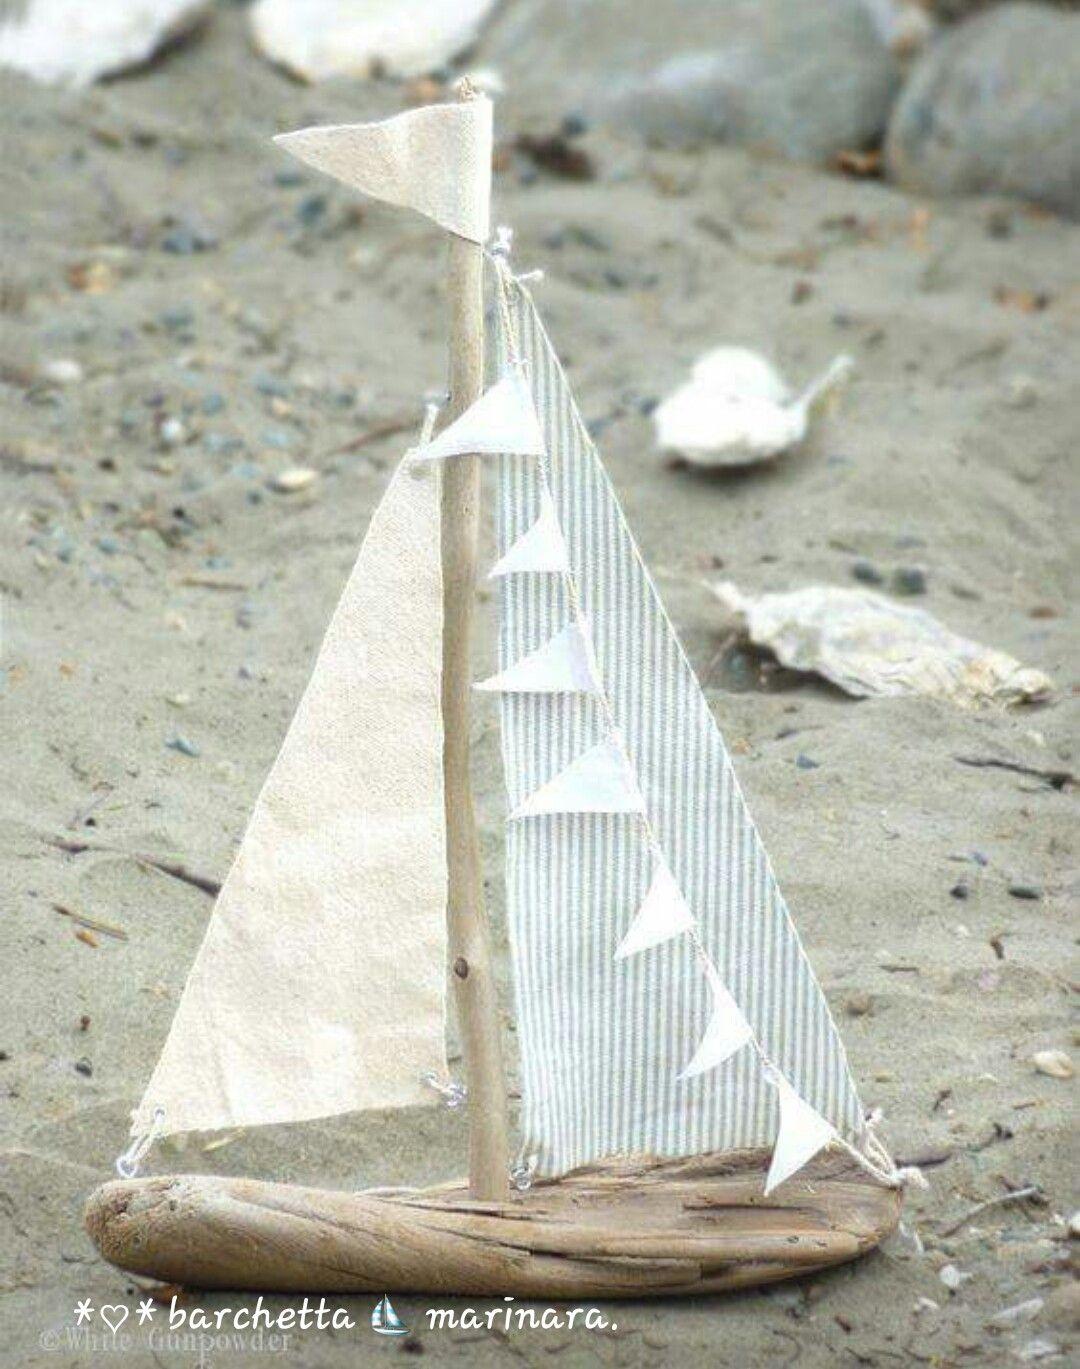 Barchetta Marinara Idee Estive Decorazione Di Mare Artigianato Da Spiaggia